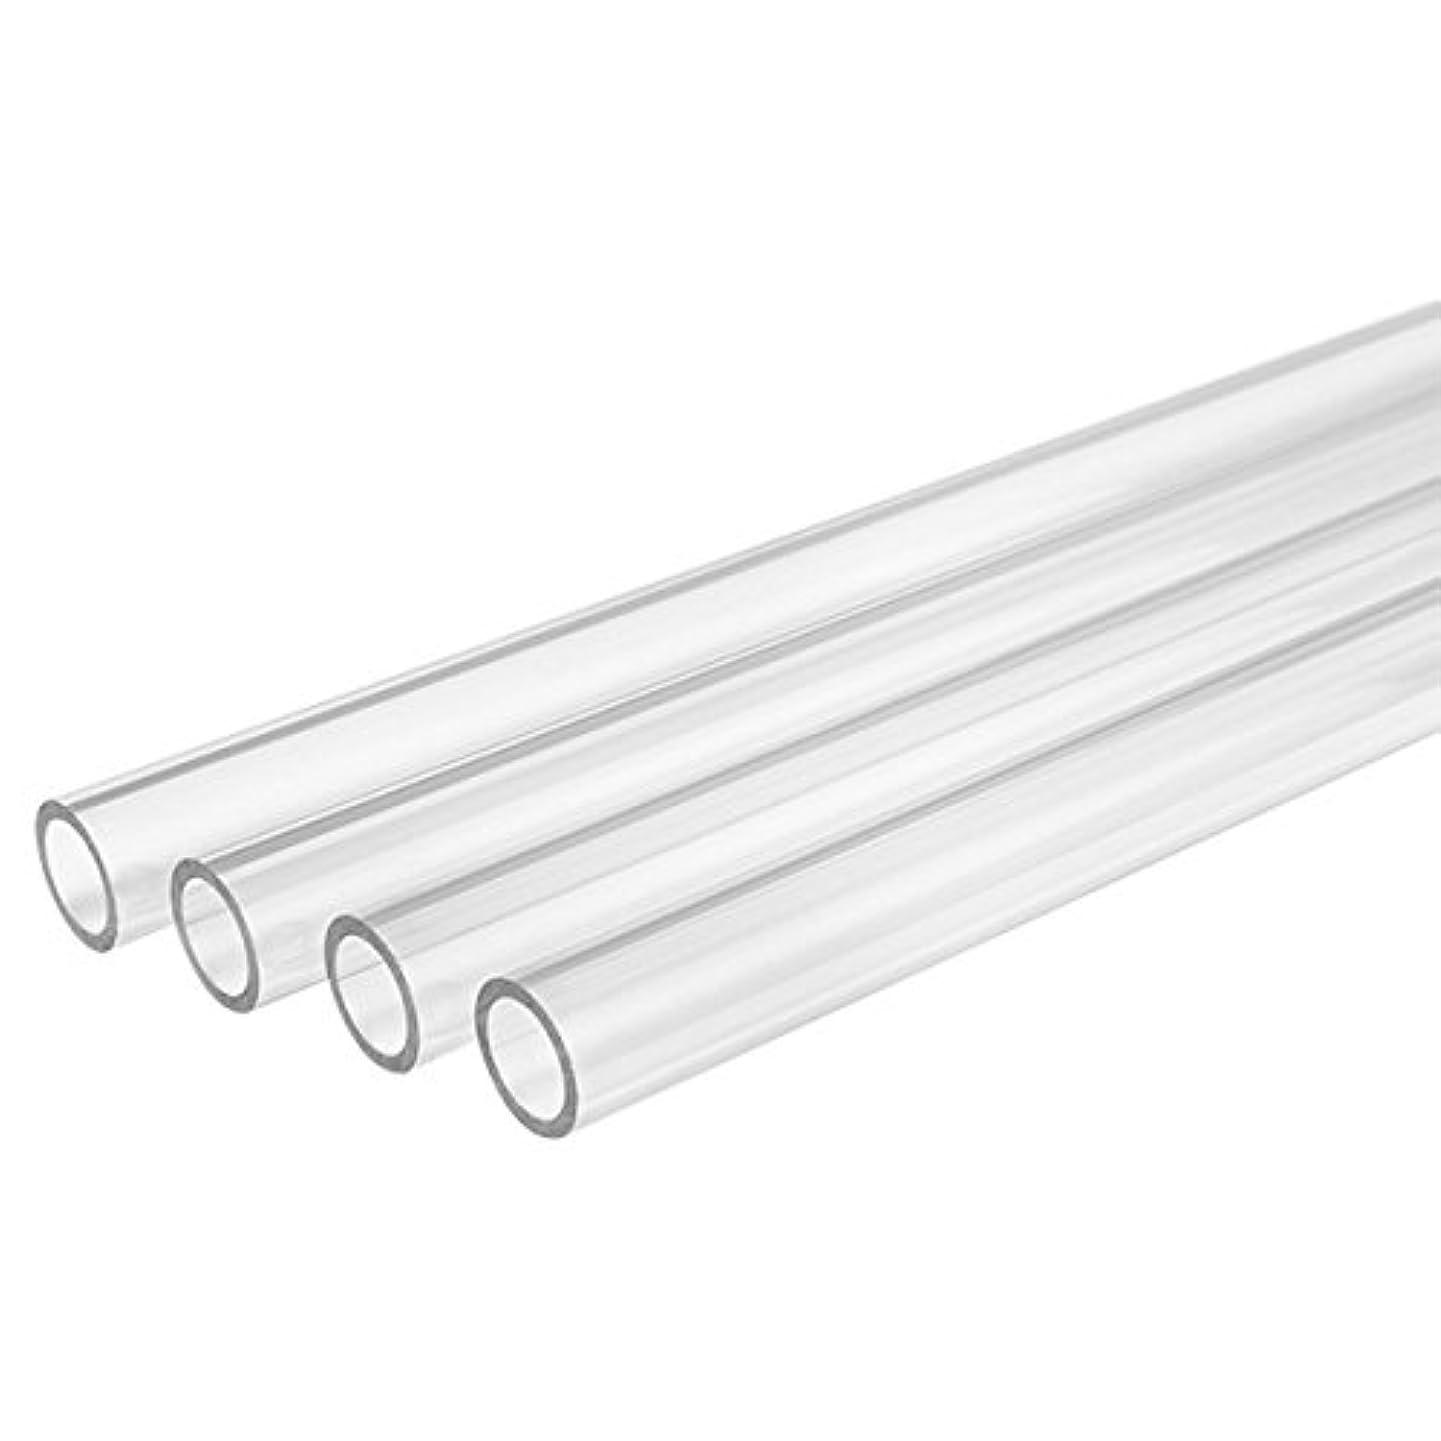 理解正規化窒素バローPETG Tubing (高温度)、12 mm ID、16 mm OD、500 mm長、クリア、4 -パック